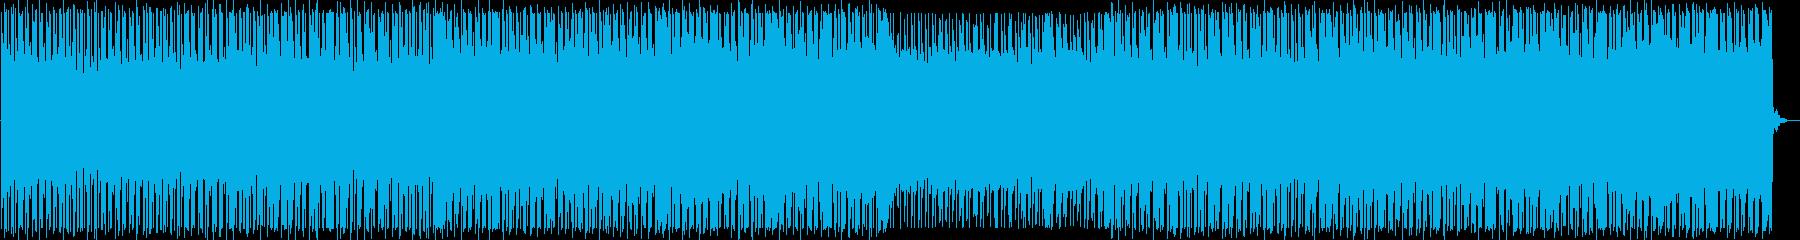 疾走感のあるディスコ_No582_1の再生済みの波形